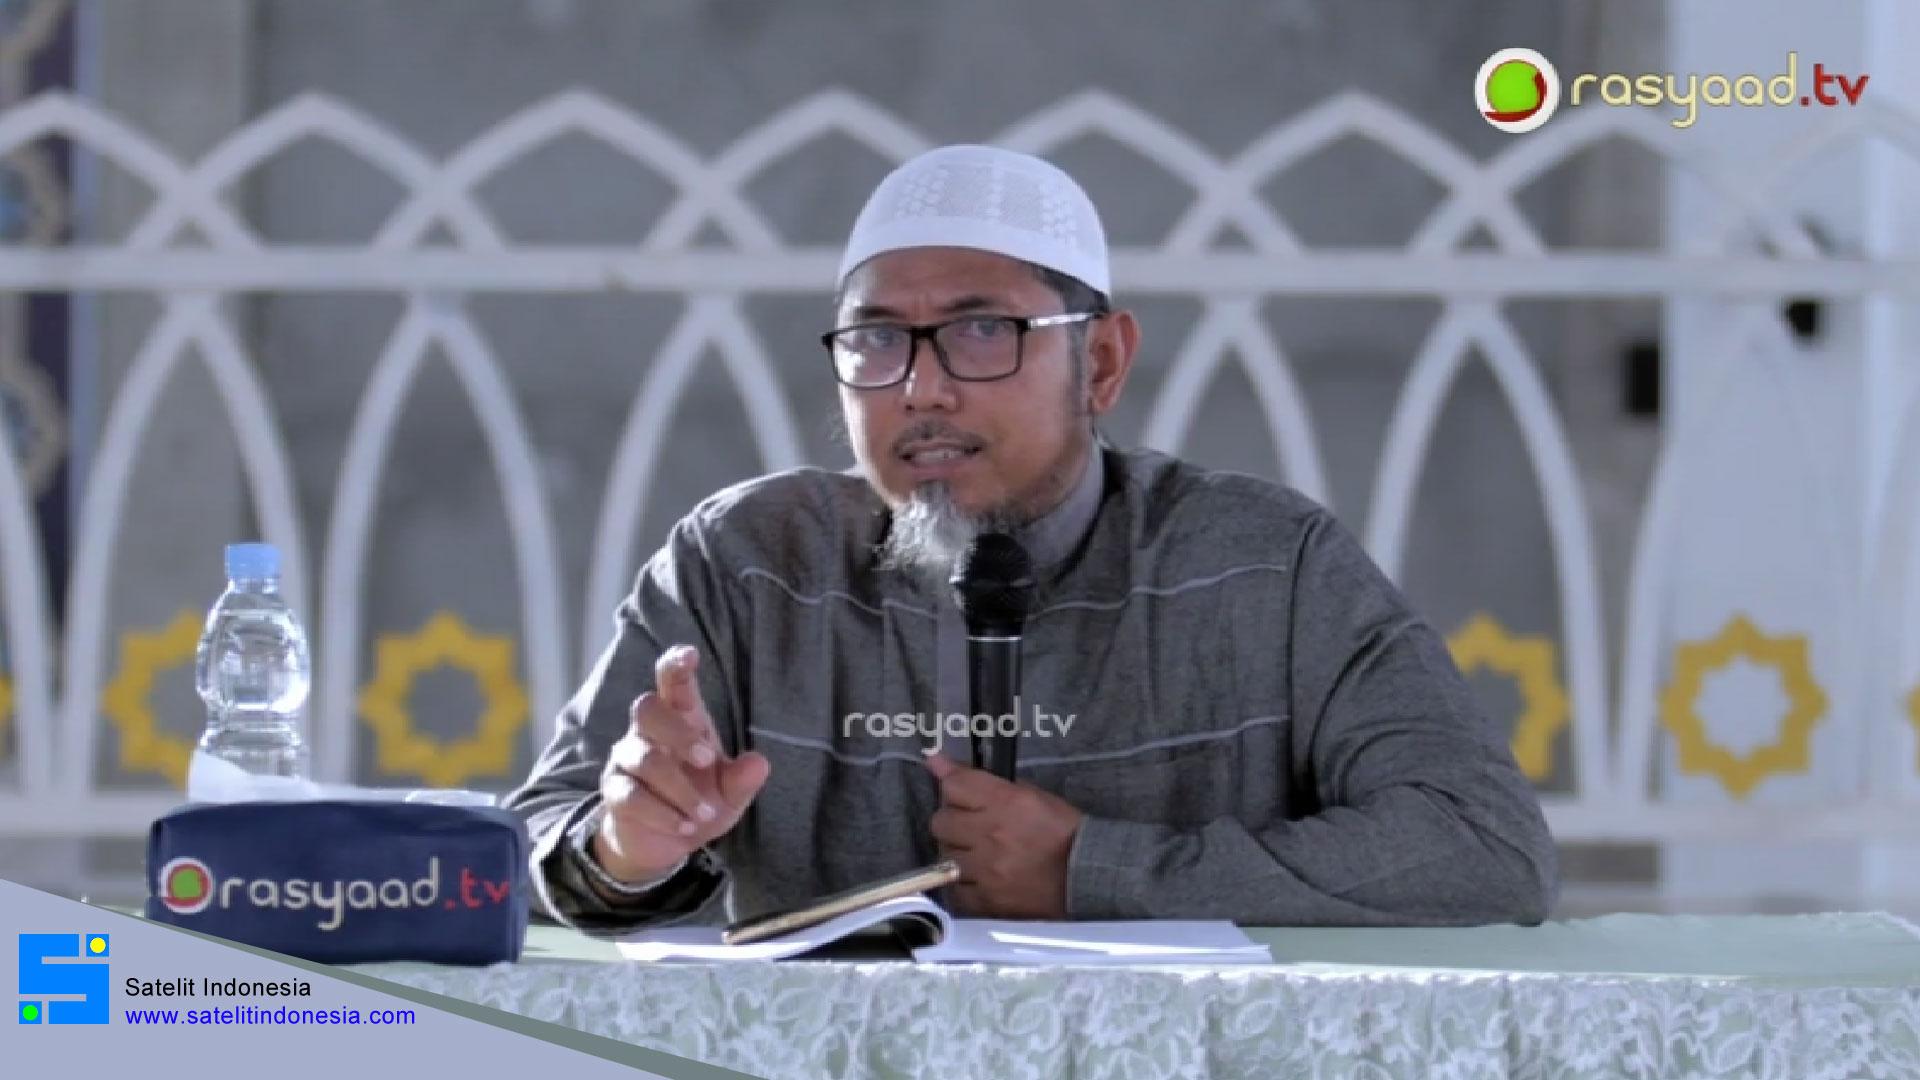 Frekuensi siaran Rasyaad TV di satelit Telkom 4 Terbaru